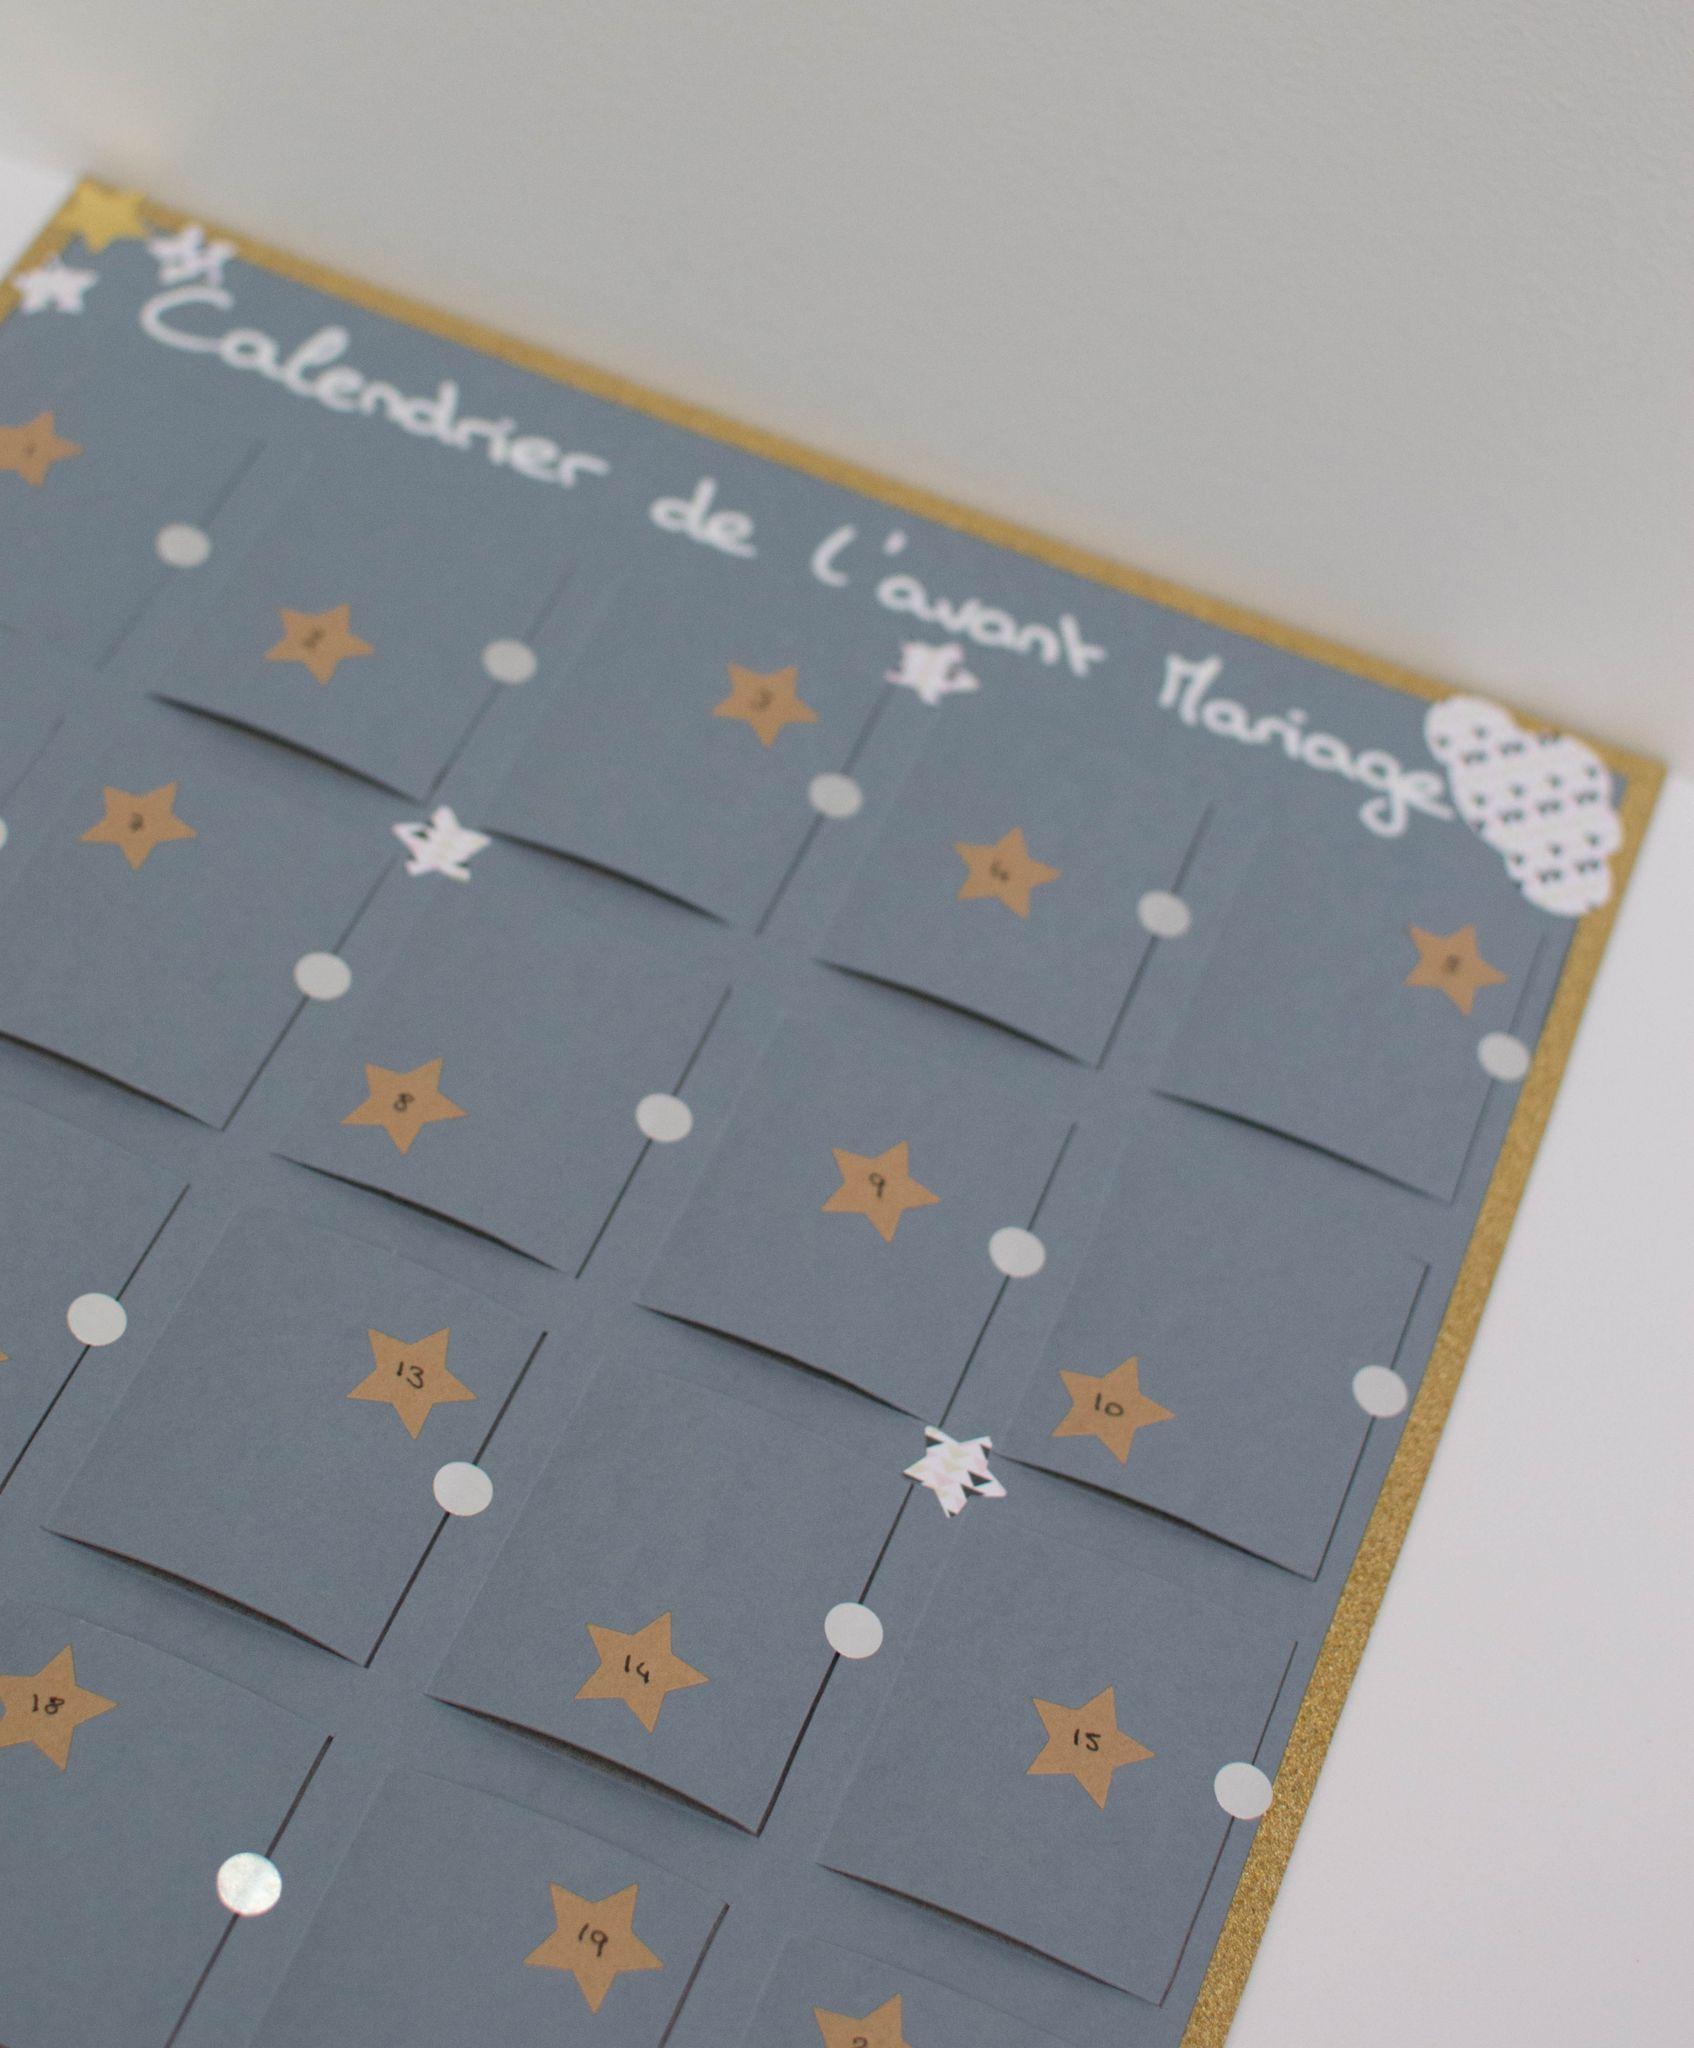 calendrier de l 39 avant mariage cadeau t moin pour future mari e le nuage passe mon blog. Black Bedroom Furniture Sets. Home Design Ideas